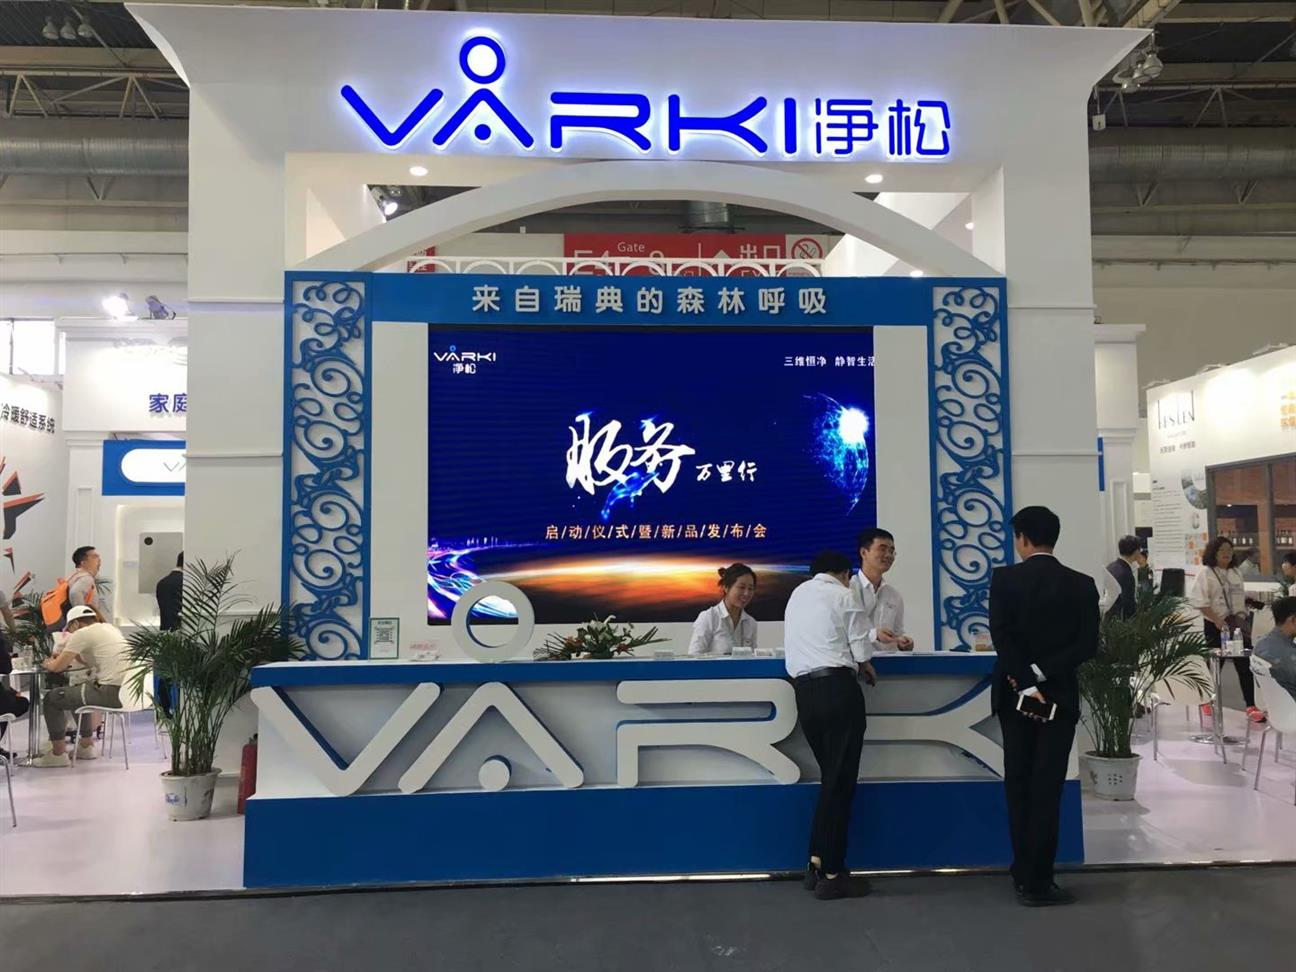 上海暖通展國際暖通新風展品牌